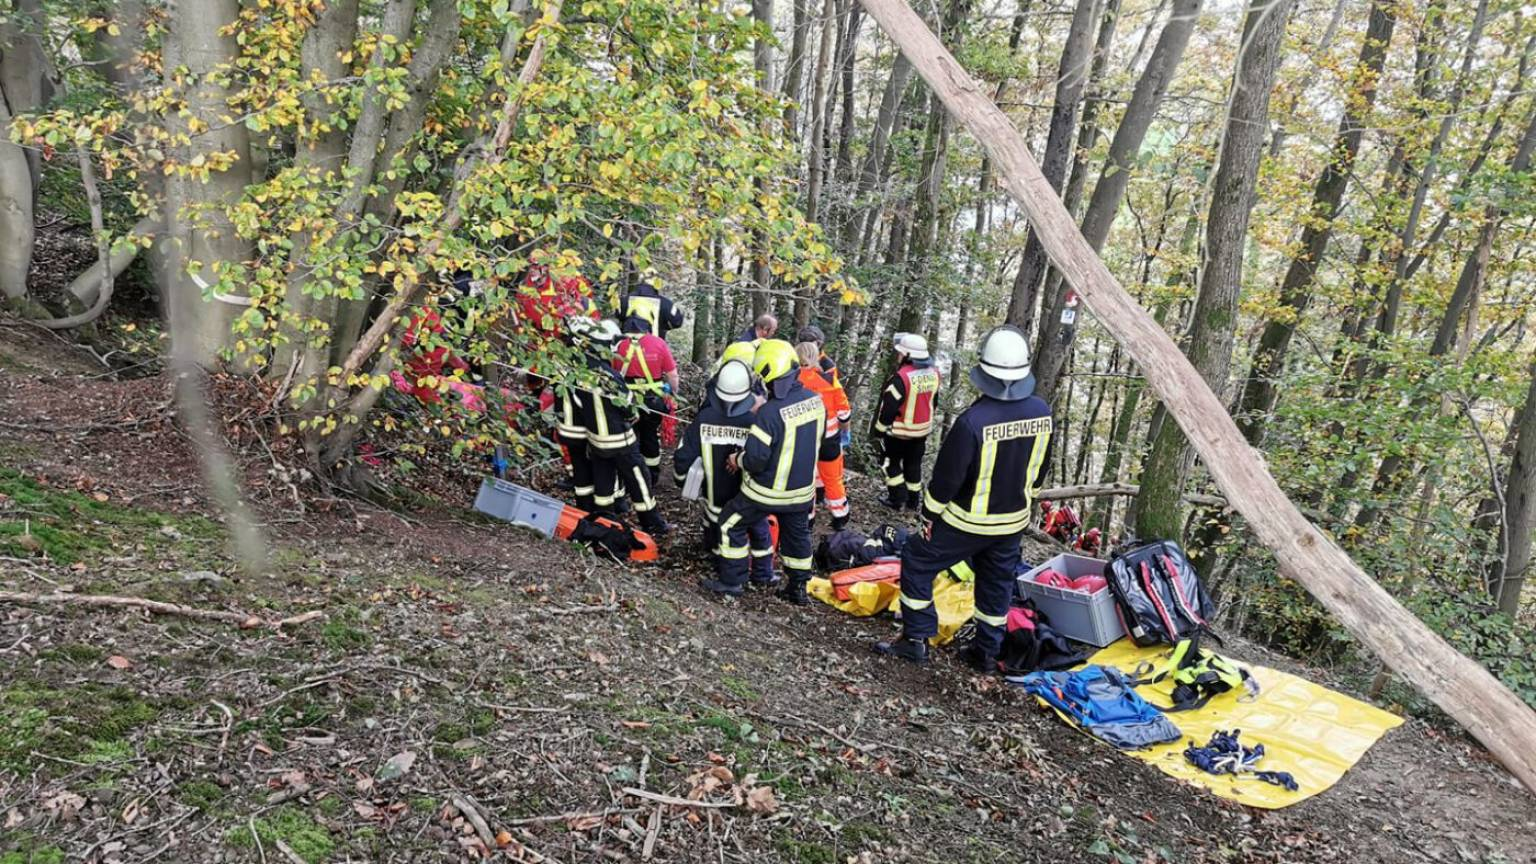 مقتل رجل هولندي في رحلة تسلق جبلية بألمانيا